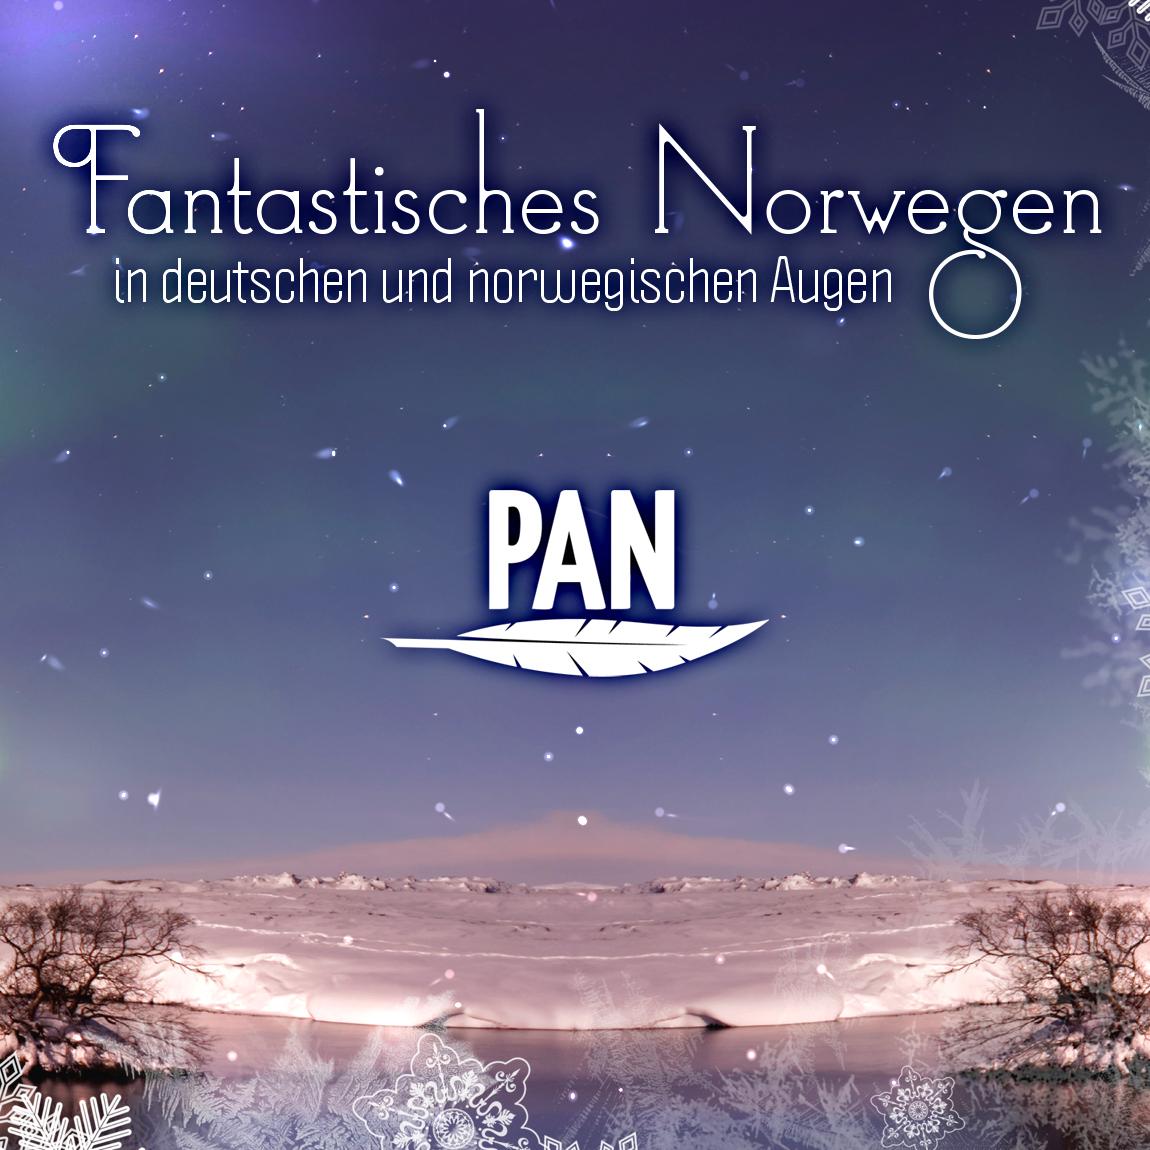 Fantastisches_Norwegen-q-Phantastik-autoren-netzwerk.jpg